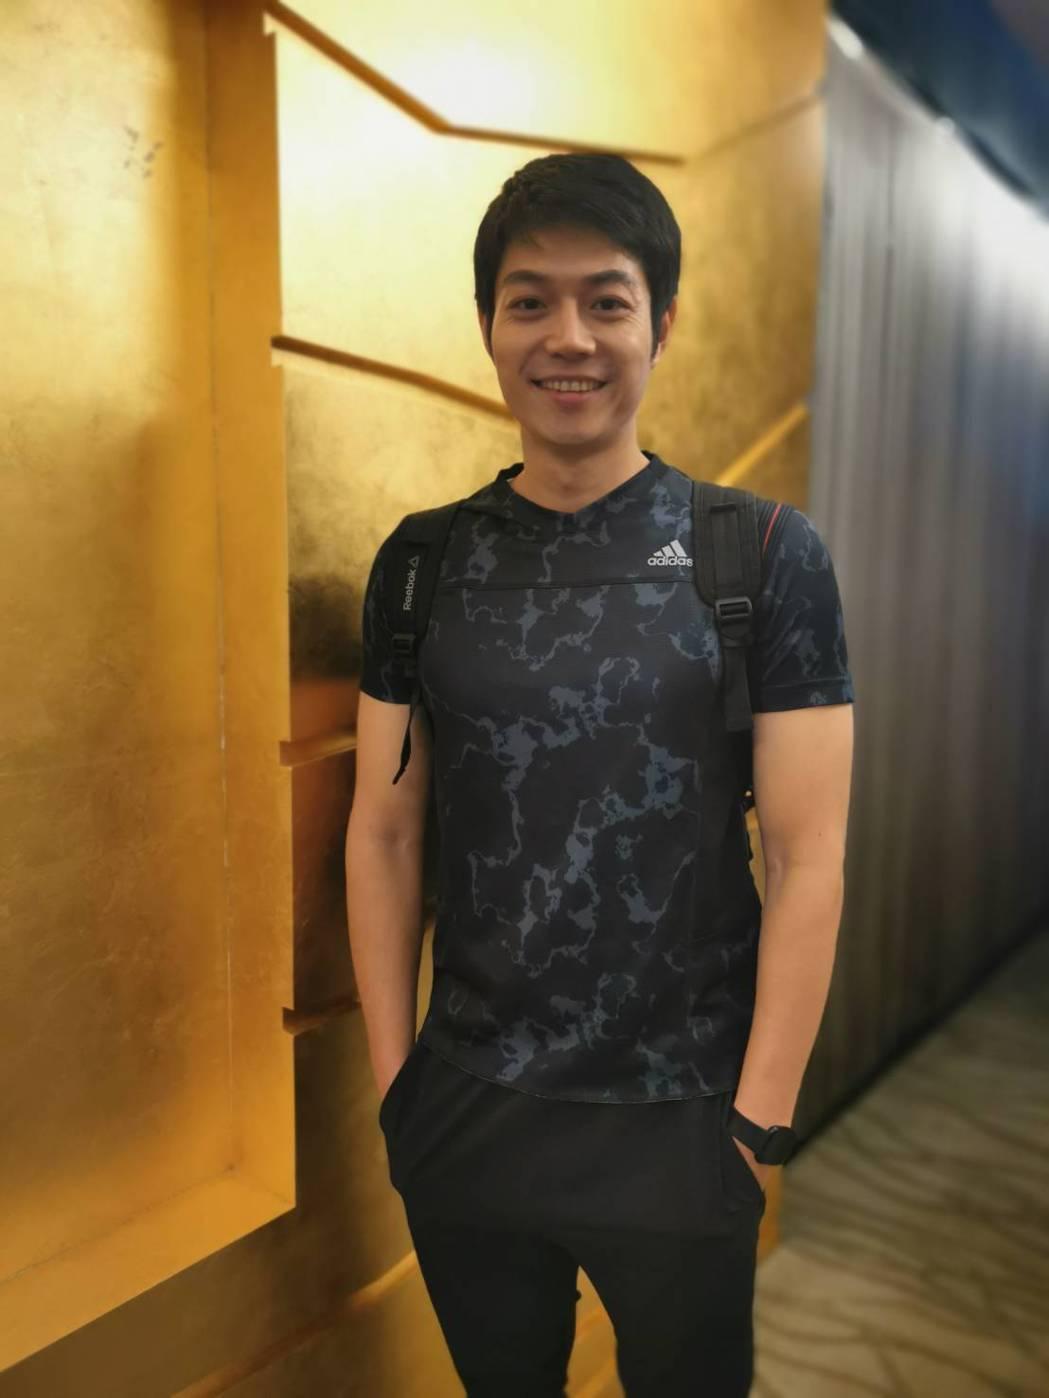 李沛勳擁有精壯身材。圖/年代提供